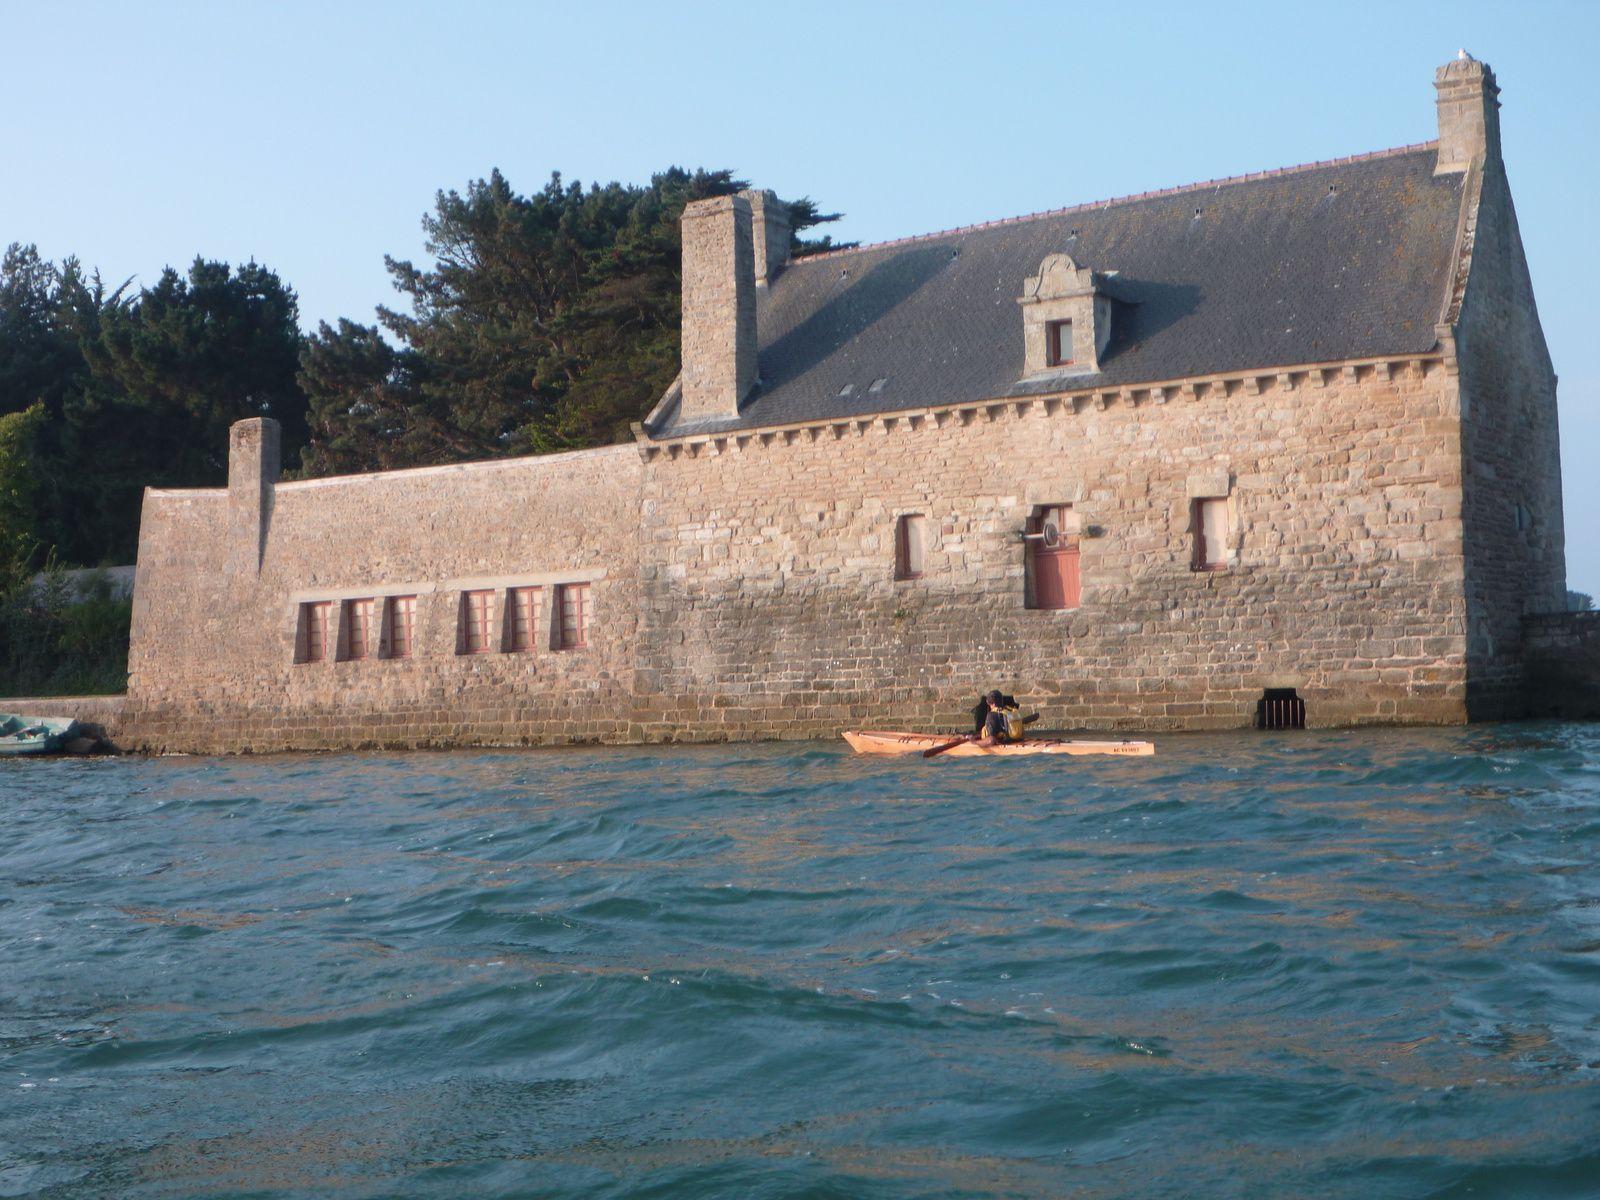 Le moulin à marée, le kayak en bois était de rigueur pour illustrer la photo